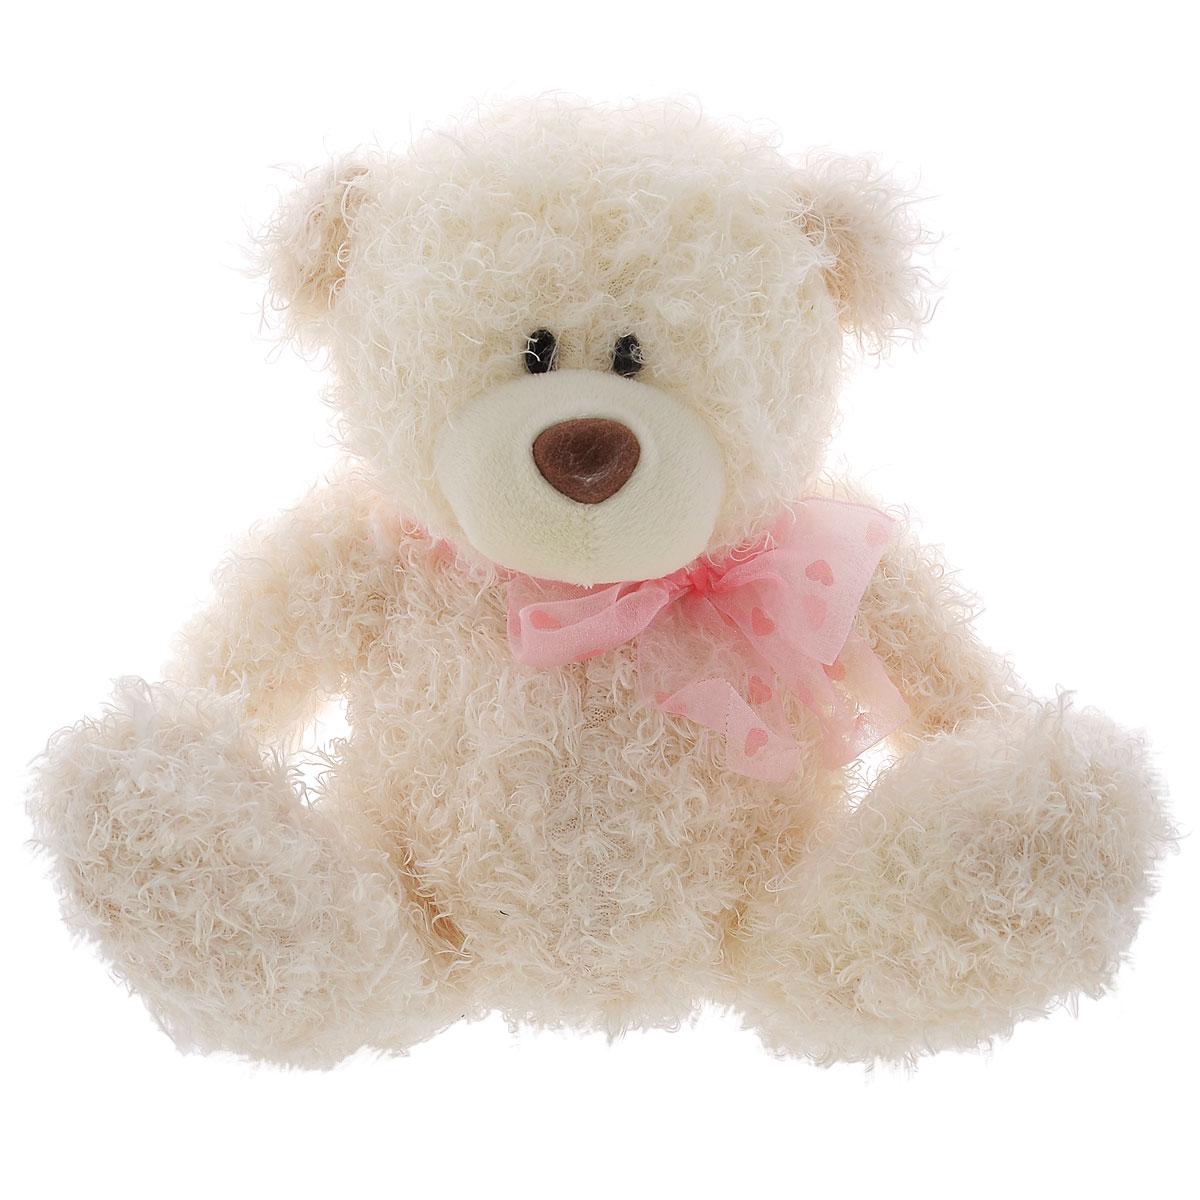 Мягкая игрушка Plush Apple Медведь кудрявый с бантом, 20 см мягкая игрушка plush apple собака с шарфом 28 см